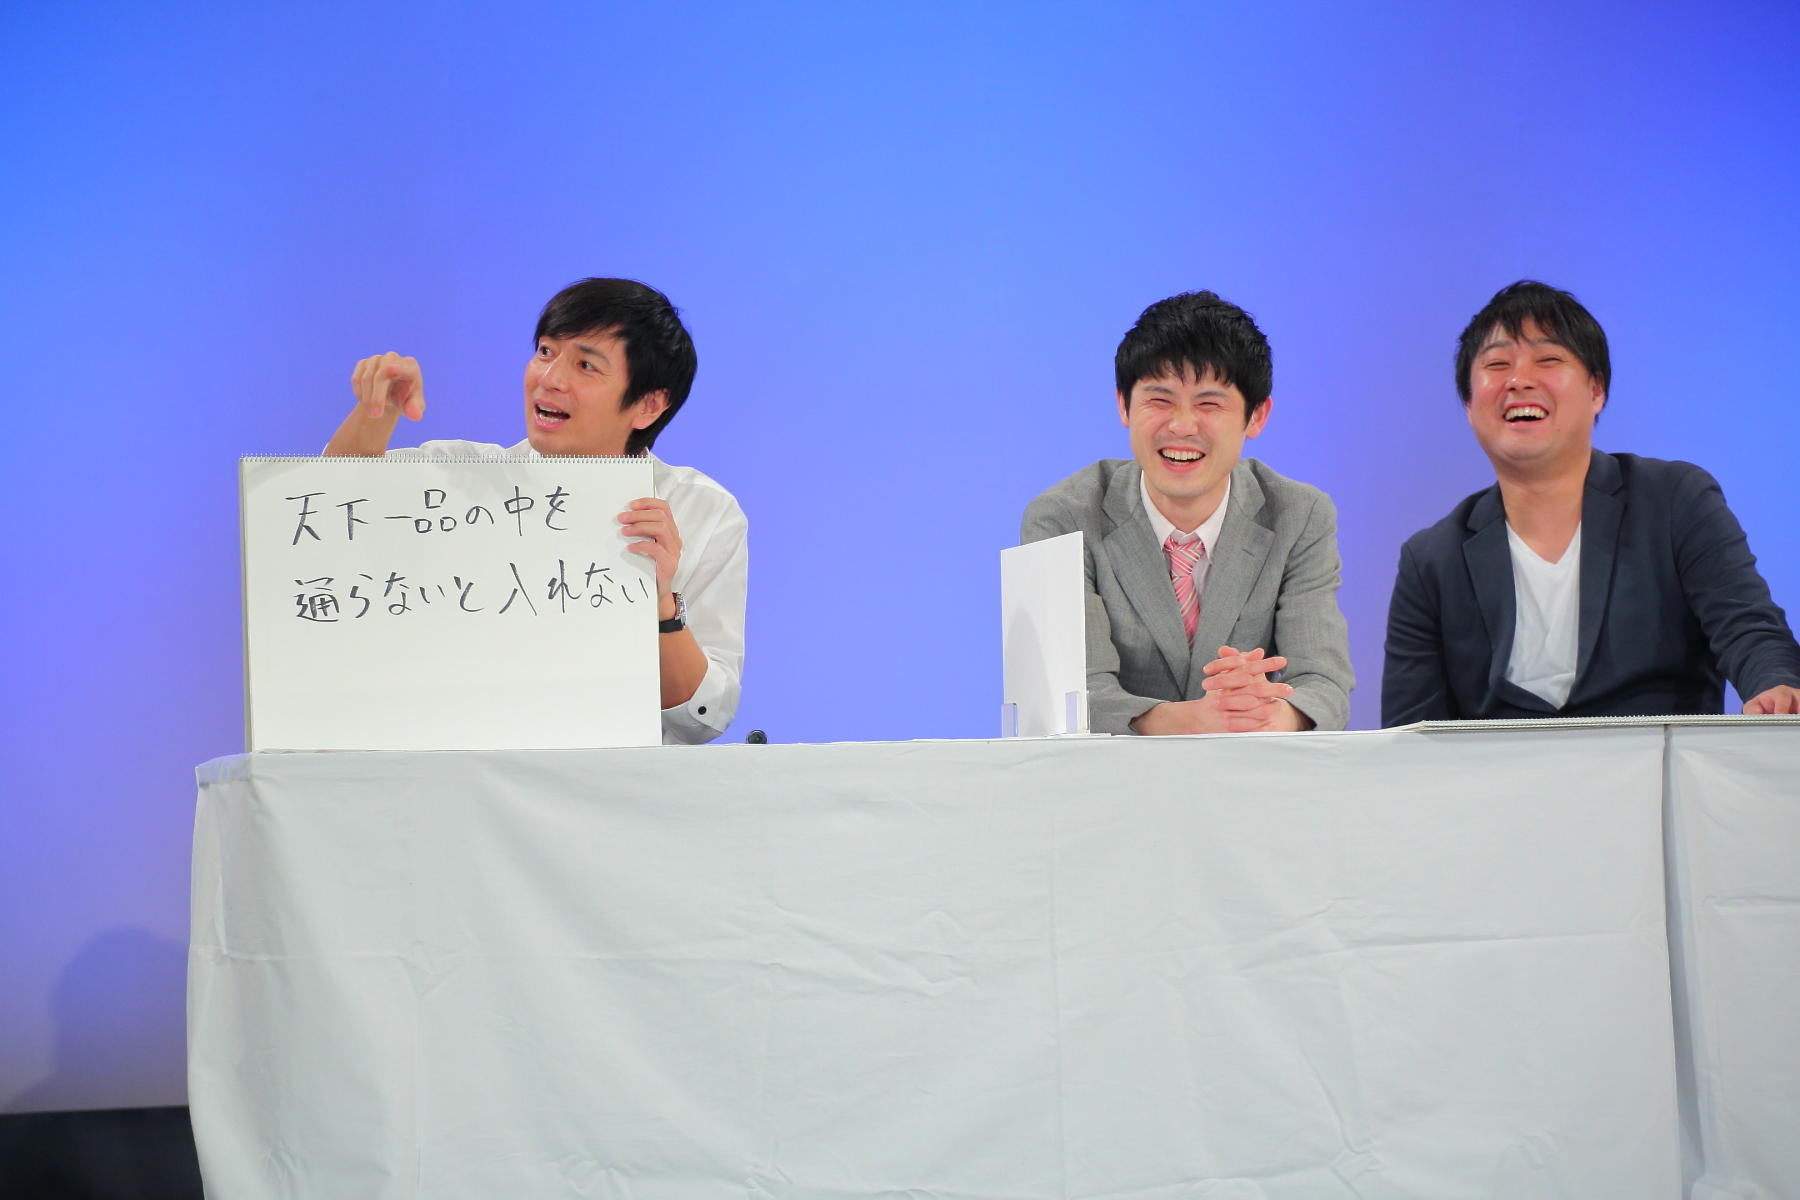 http://news.yoshimoto.co.jp/20170316064406-825b71b1826c0680205f40058d4ccebd21203890.jpg